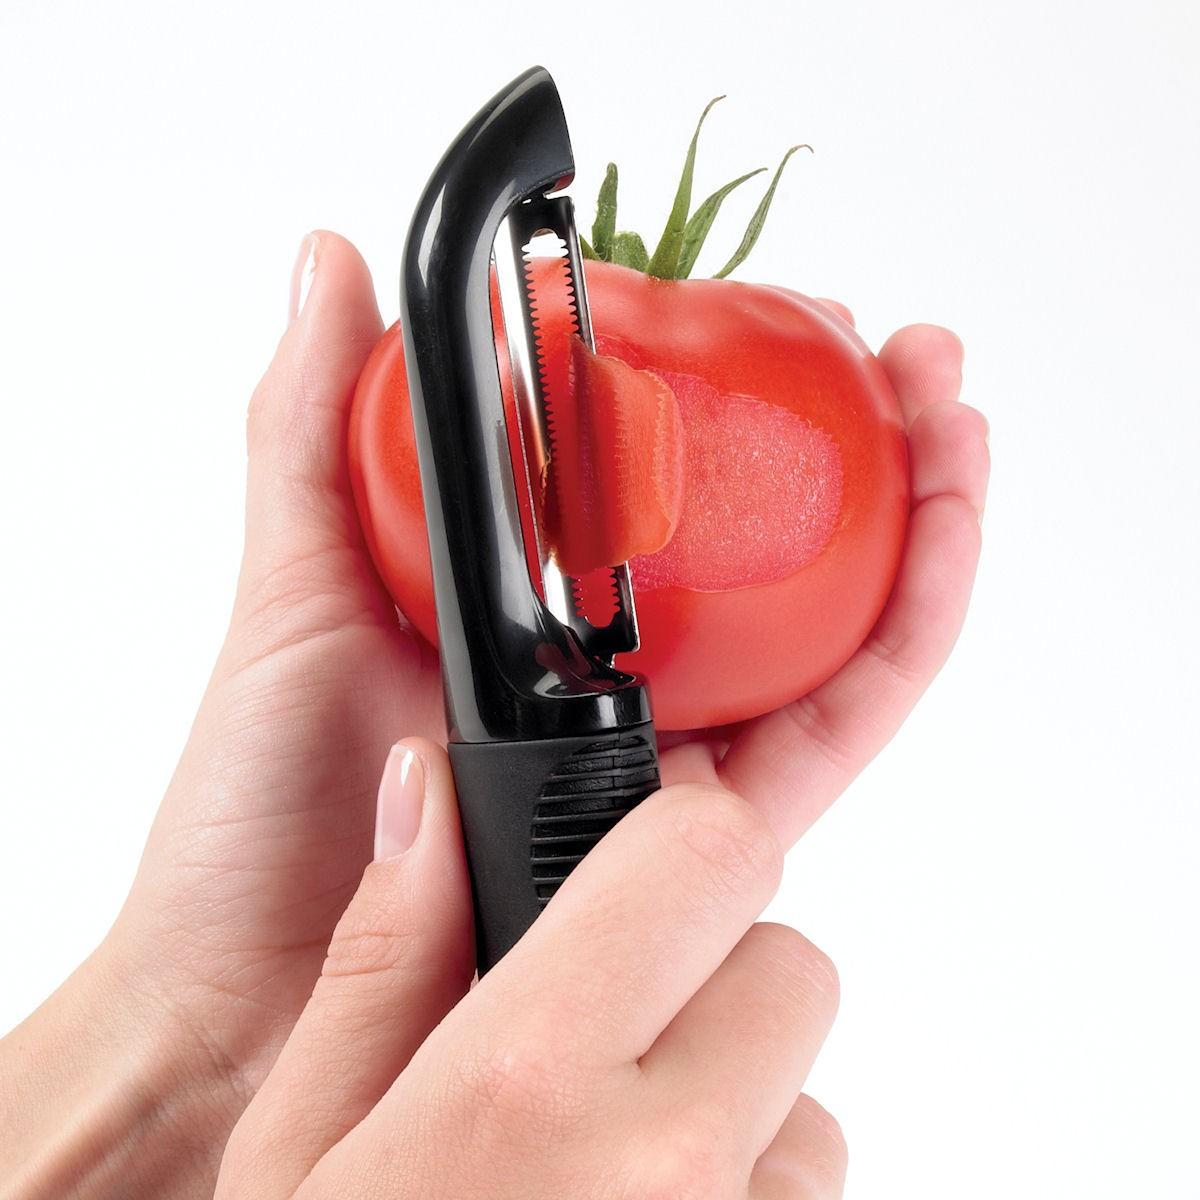 Oxo Good Grips obieraczka do warzyw ząbkowana